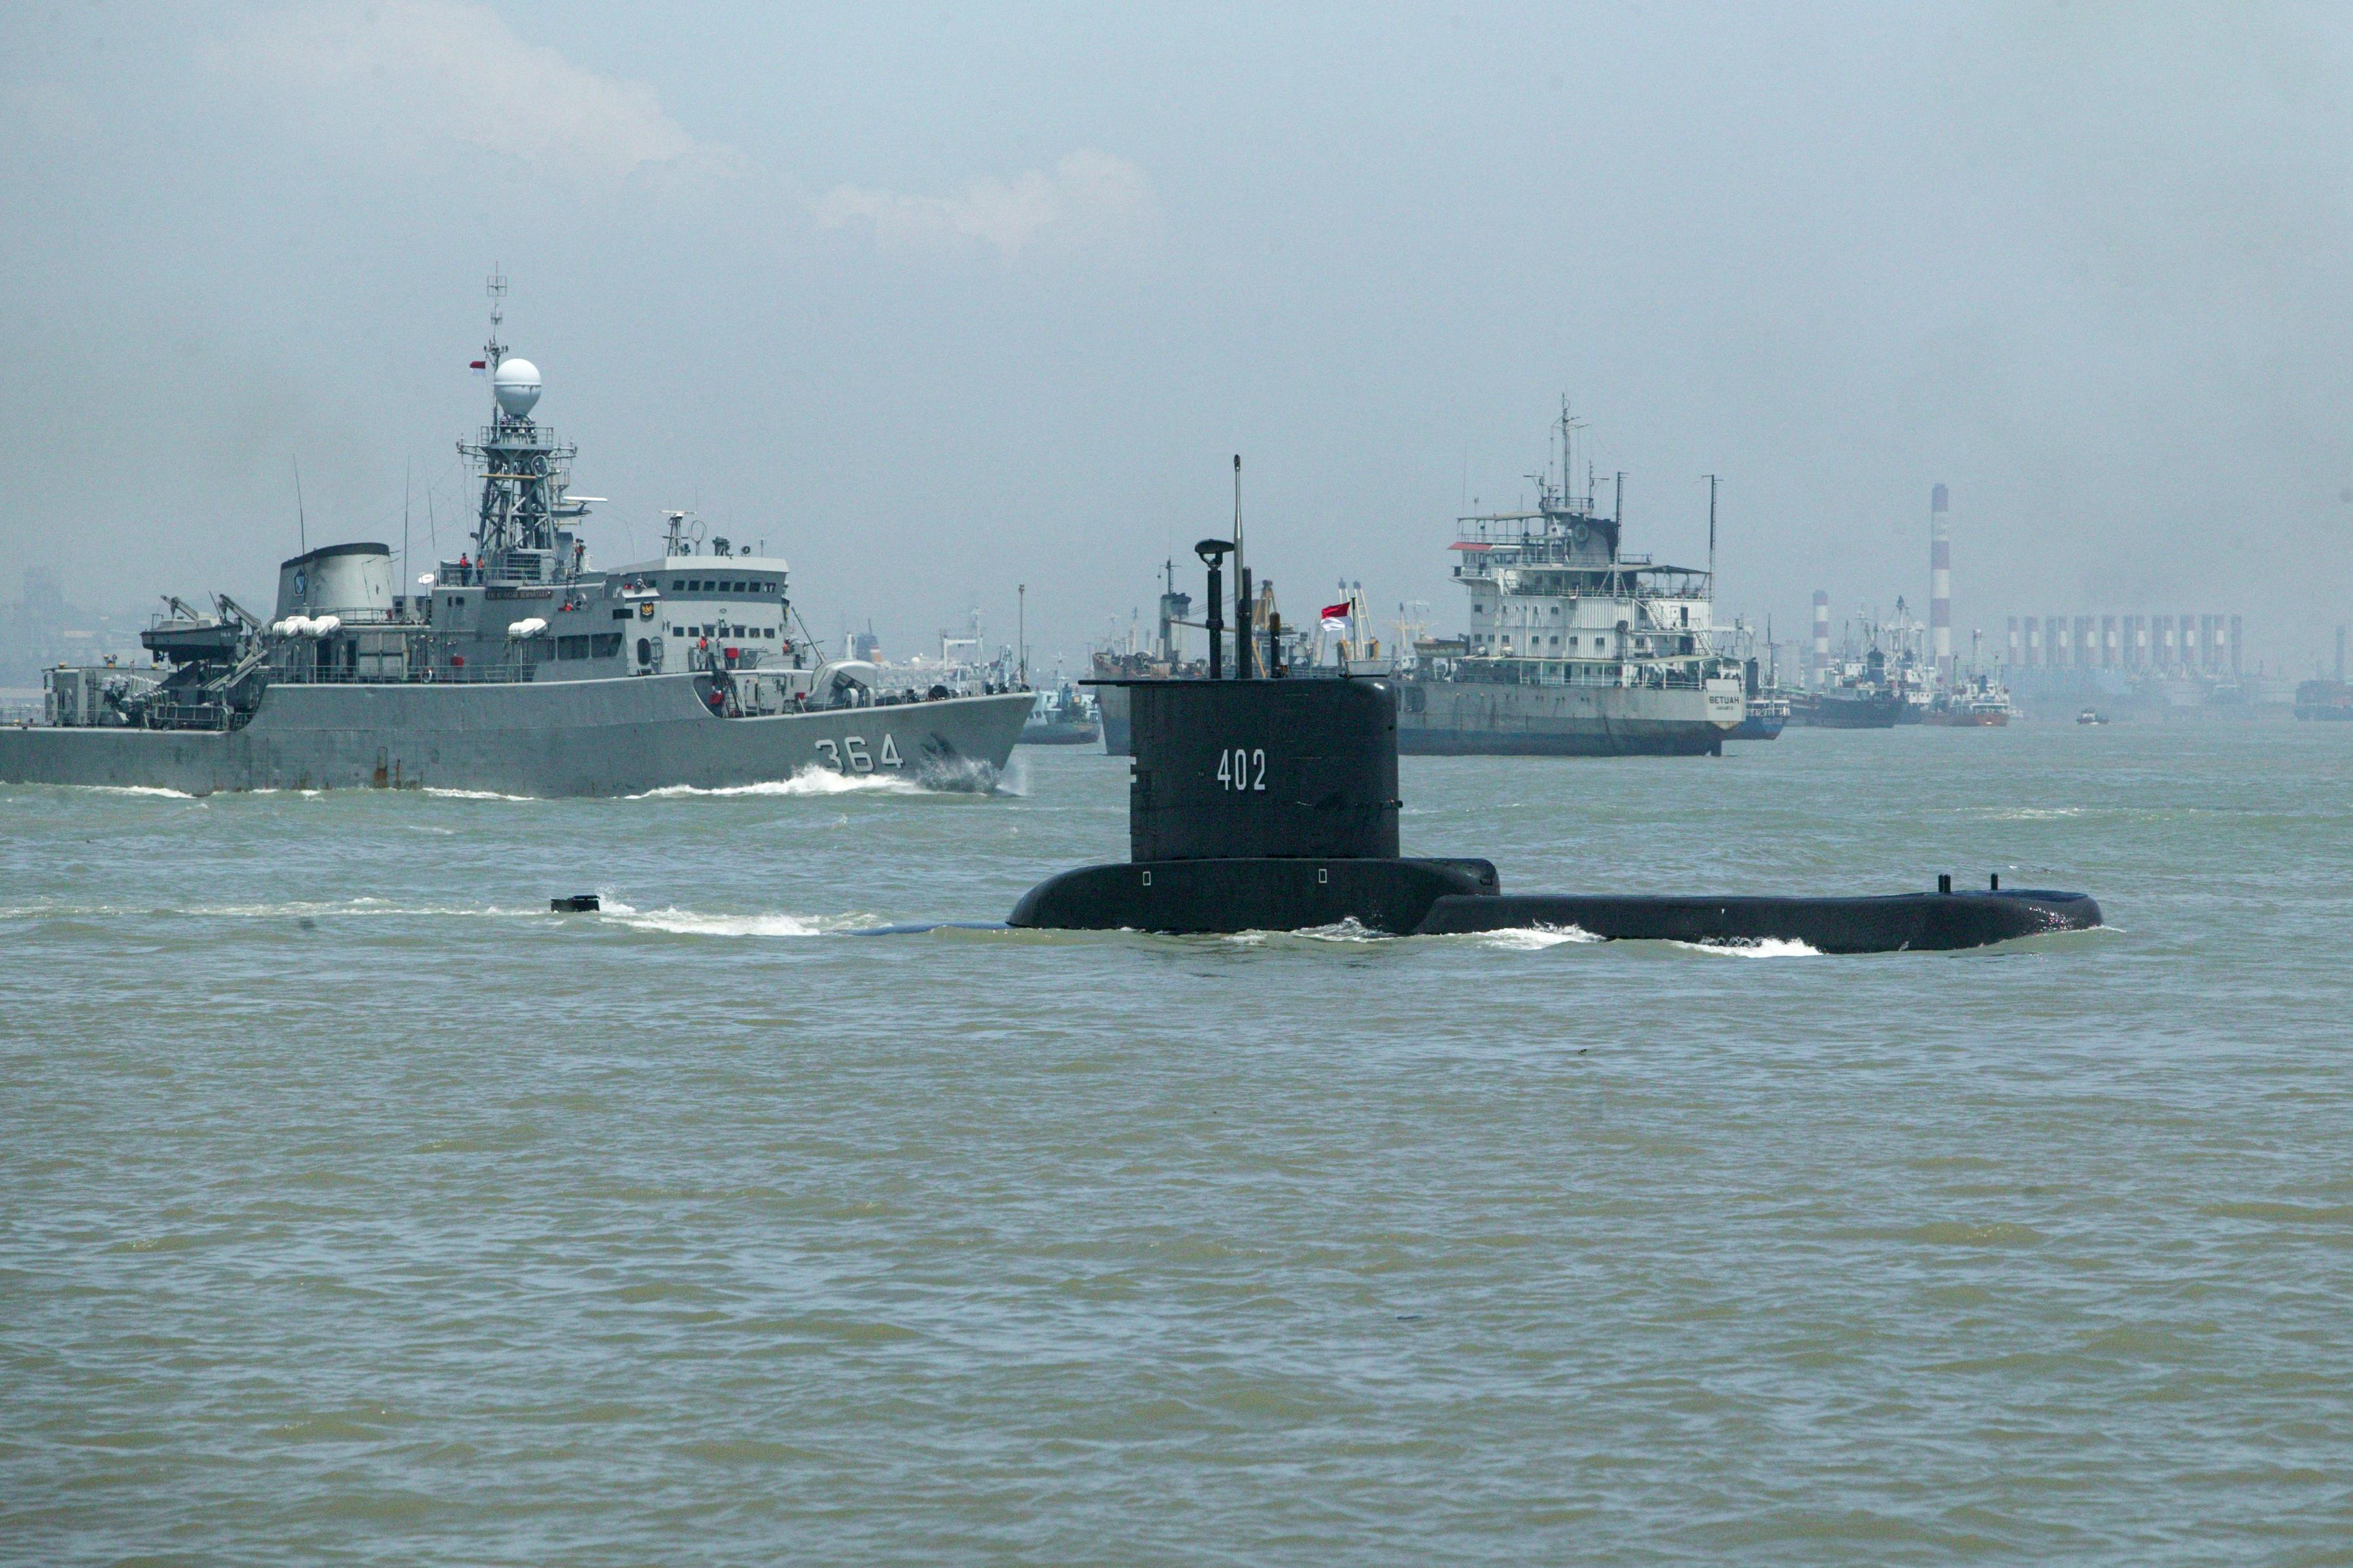 Felhagytak az eltűnt indonéz tengeralattjáró kutatásával